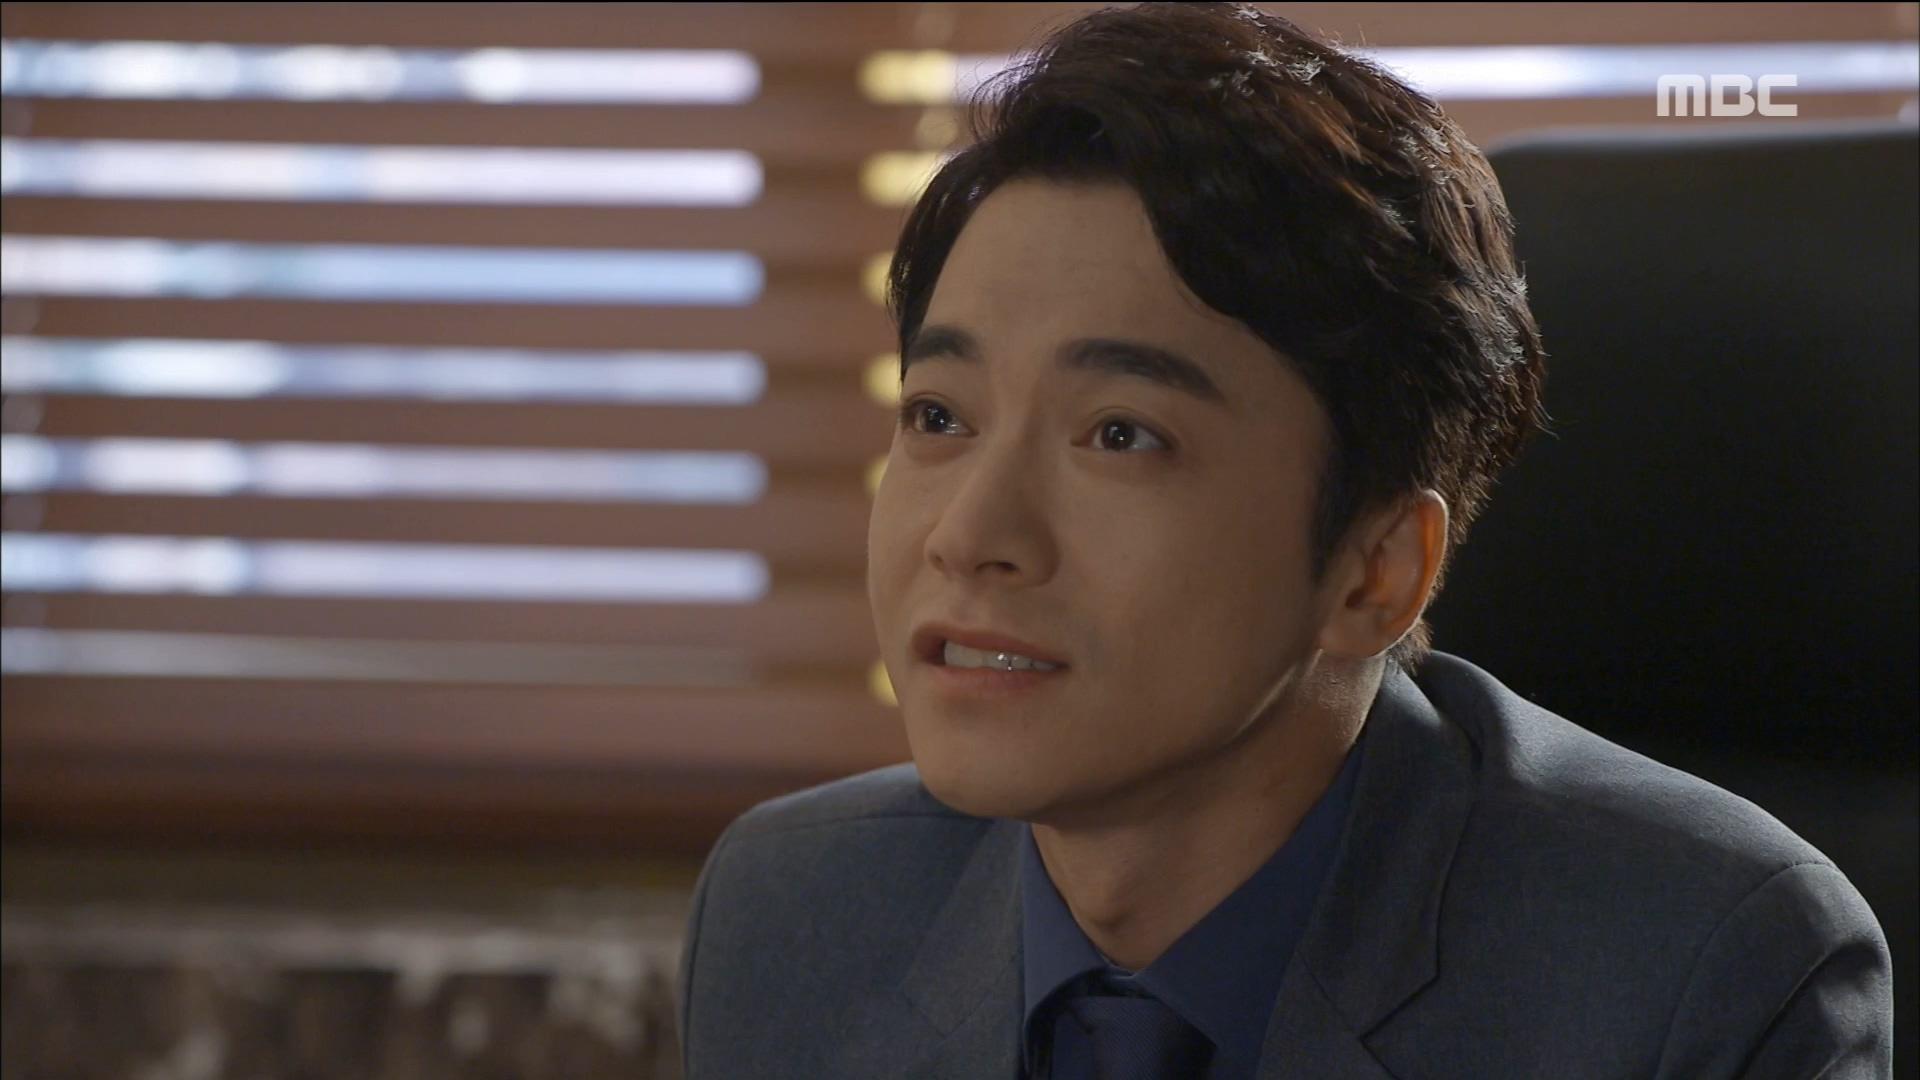 김영민, 송창의에 '너도 너희 아버지 빼다 박았겠다?'